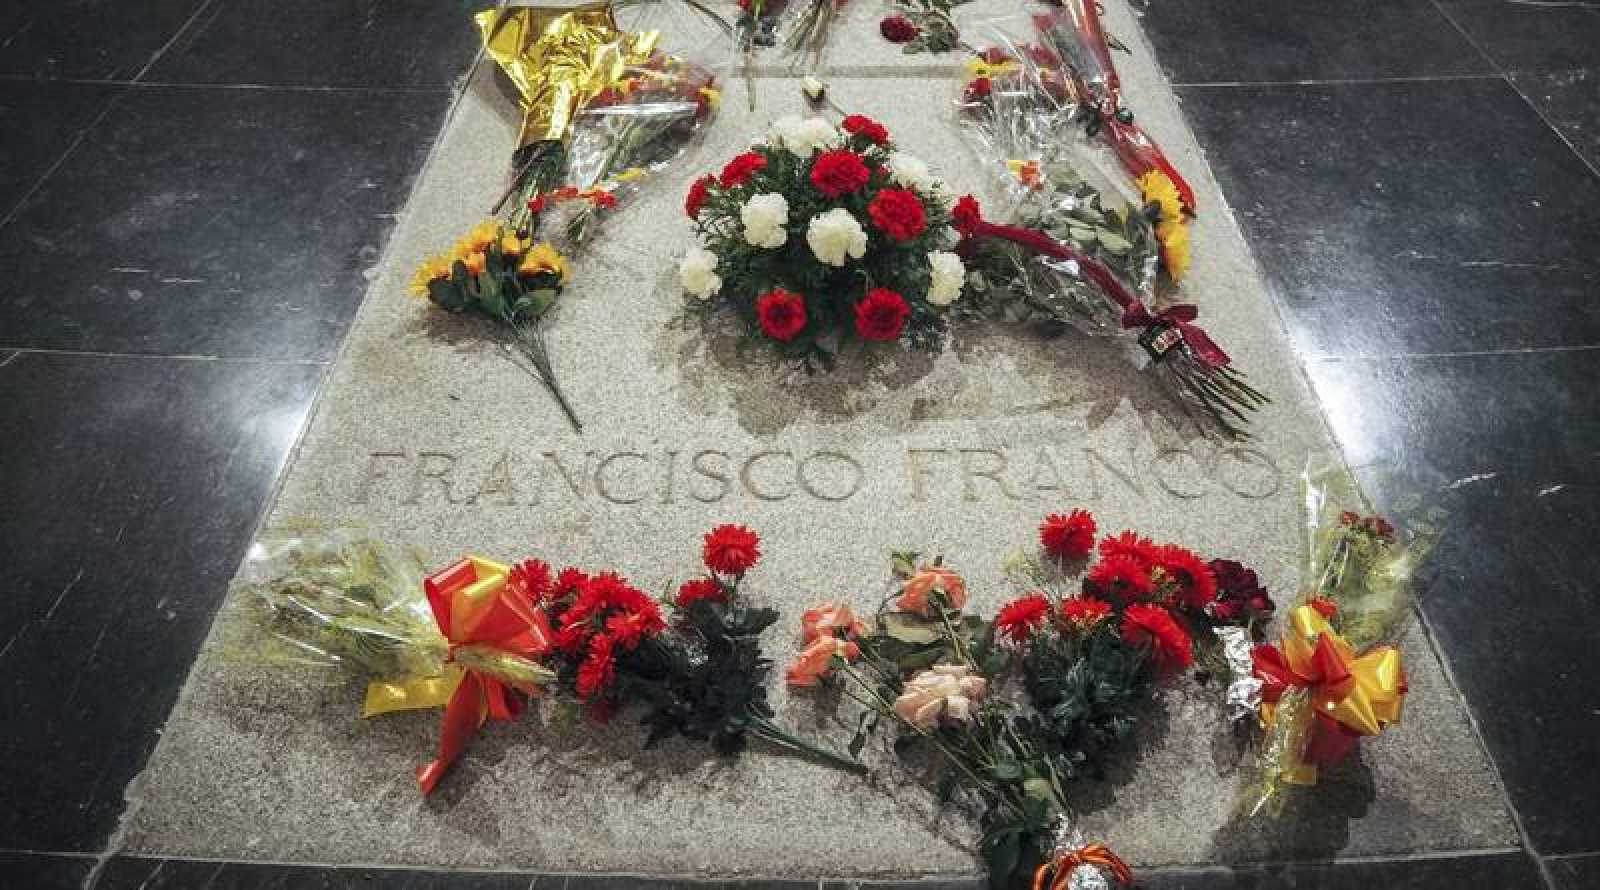 Tumba de Francisco Franco en el Valle de los Caídos, en una imagen de septiembre de 2018.